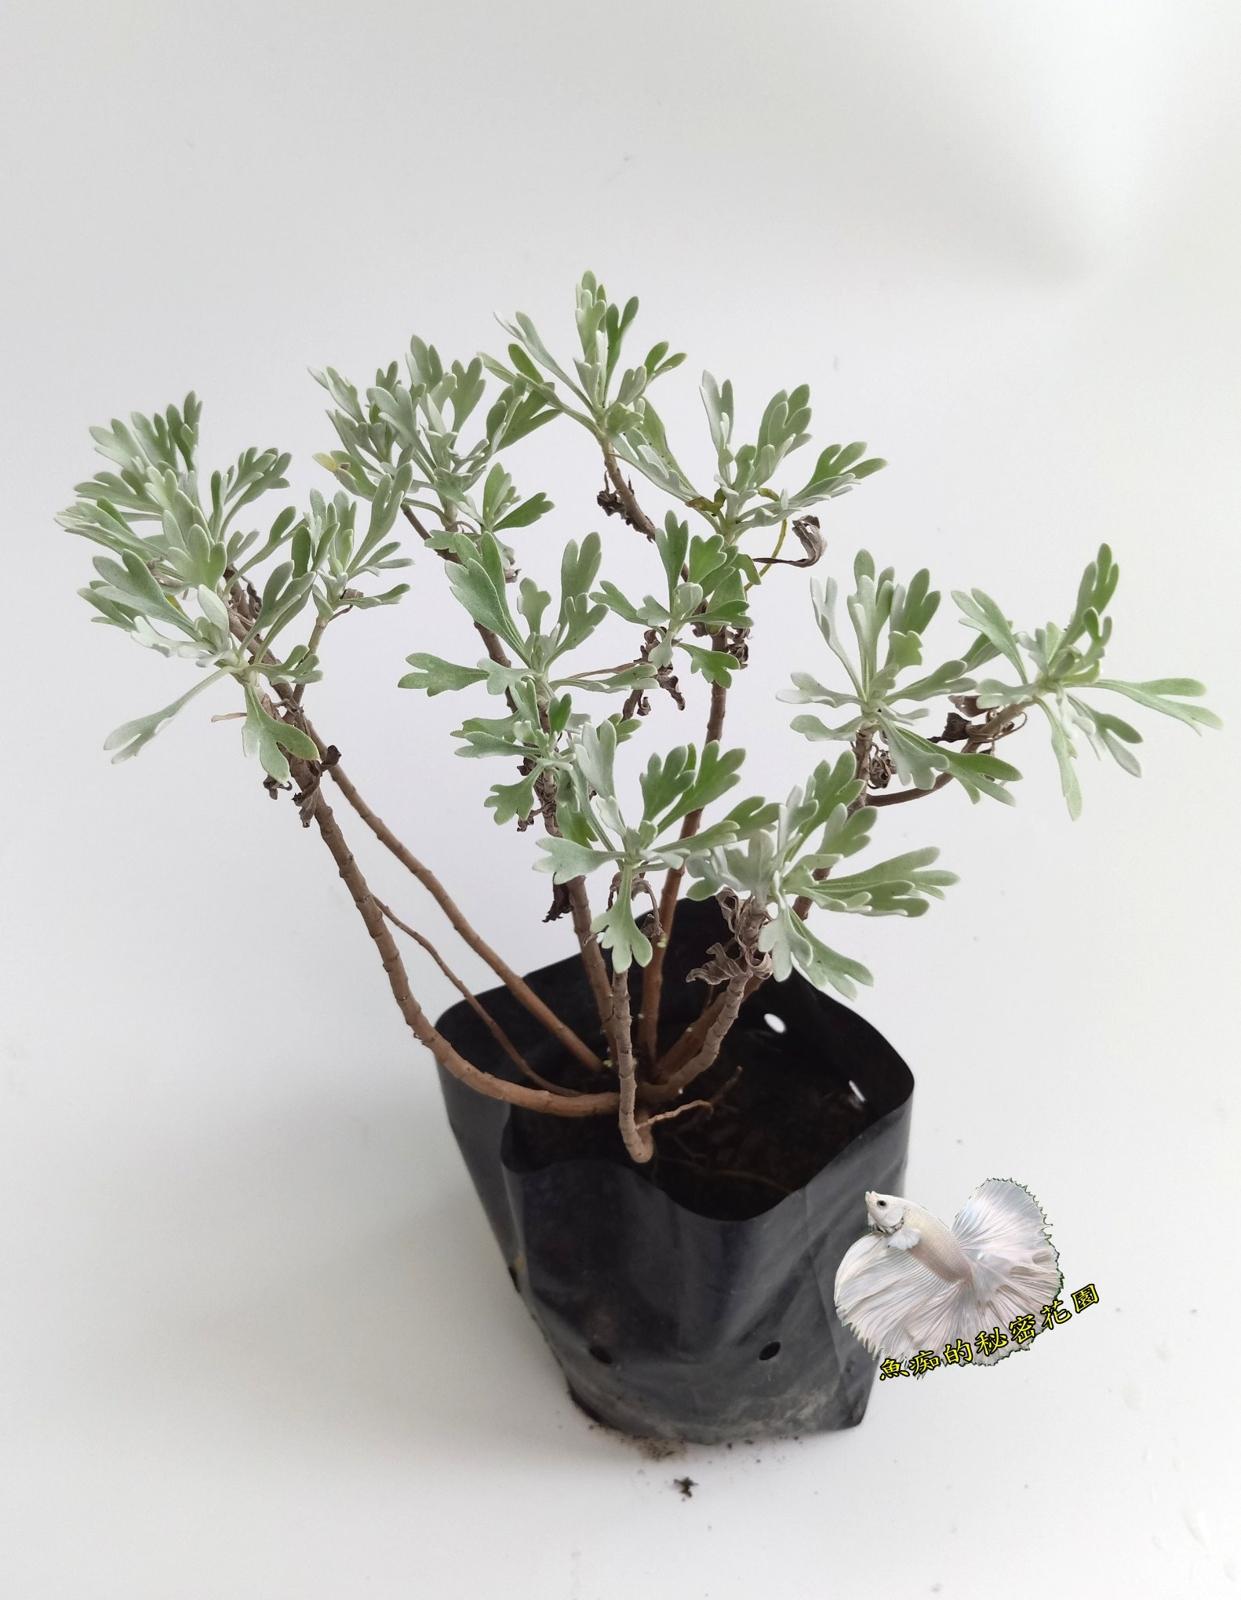 觀賞植物小芙蓉盆栽3吋盆活體盆栽可泡澡收驚喪事